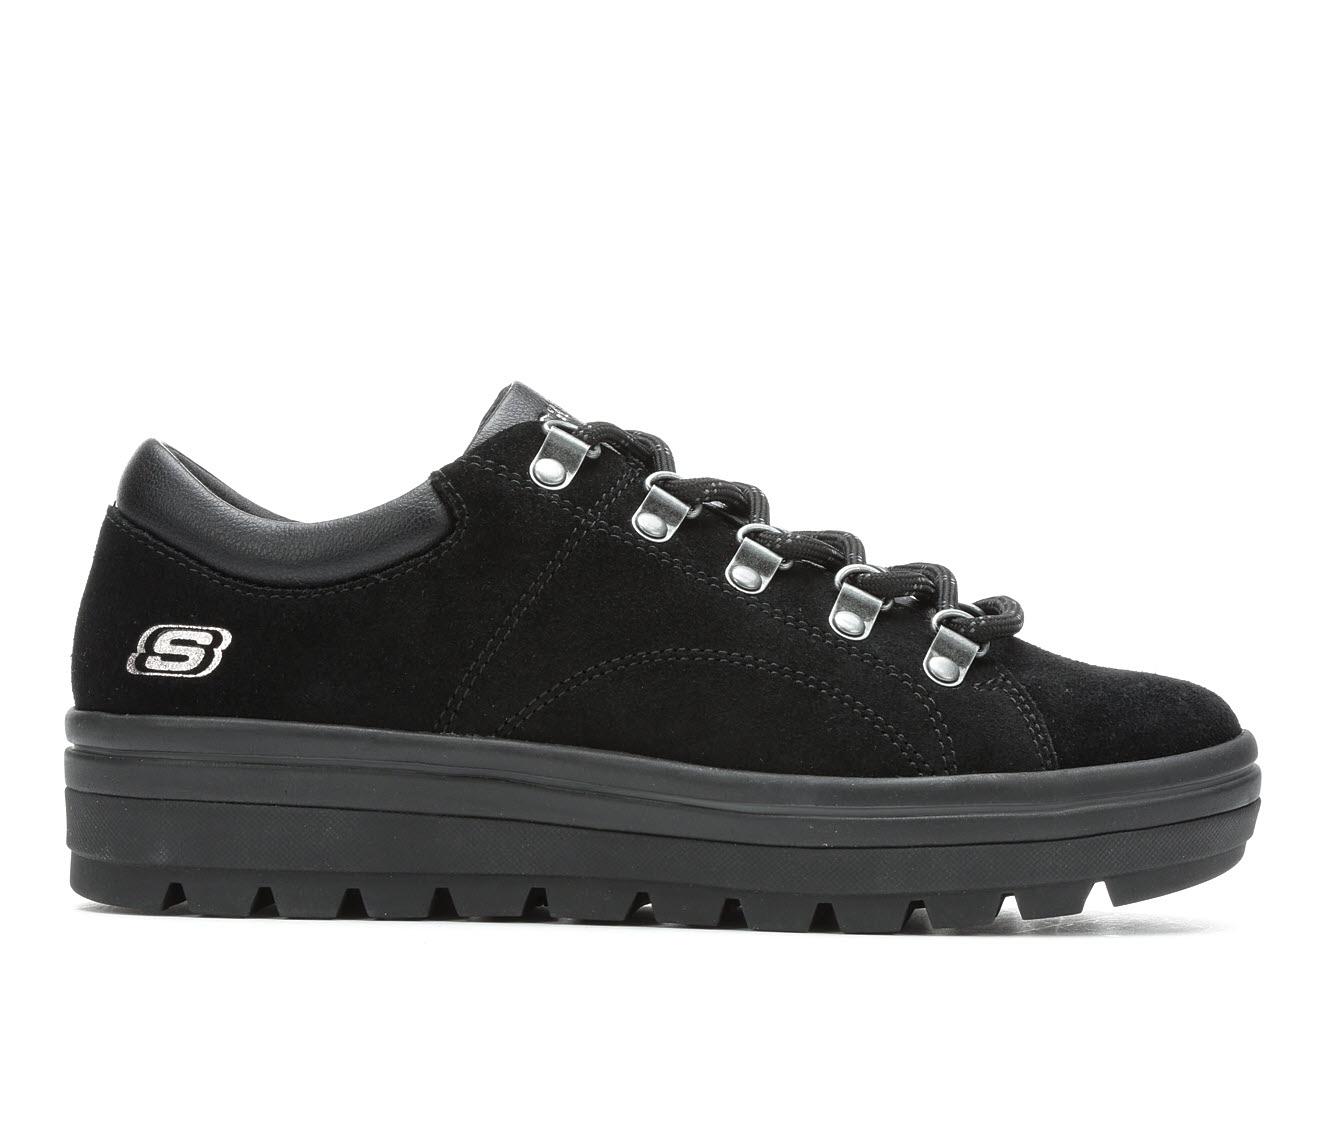 Skechers Street Fashion Trails Women's Shoe (Black Canvas)